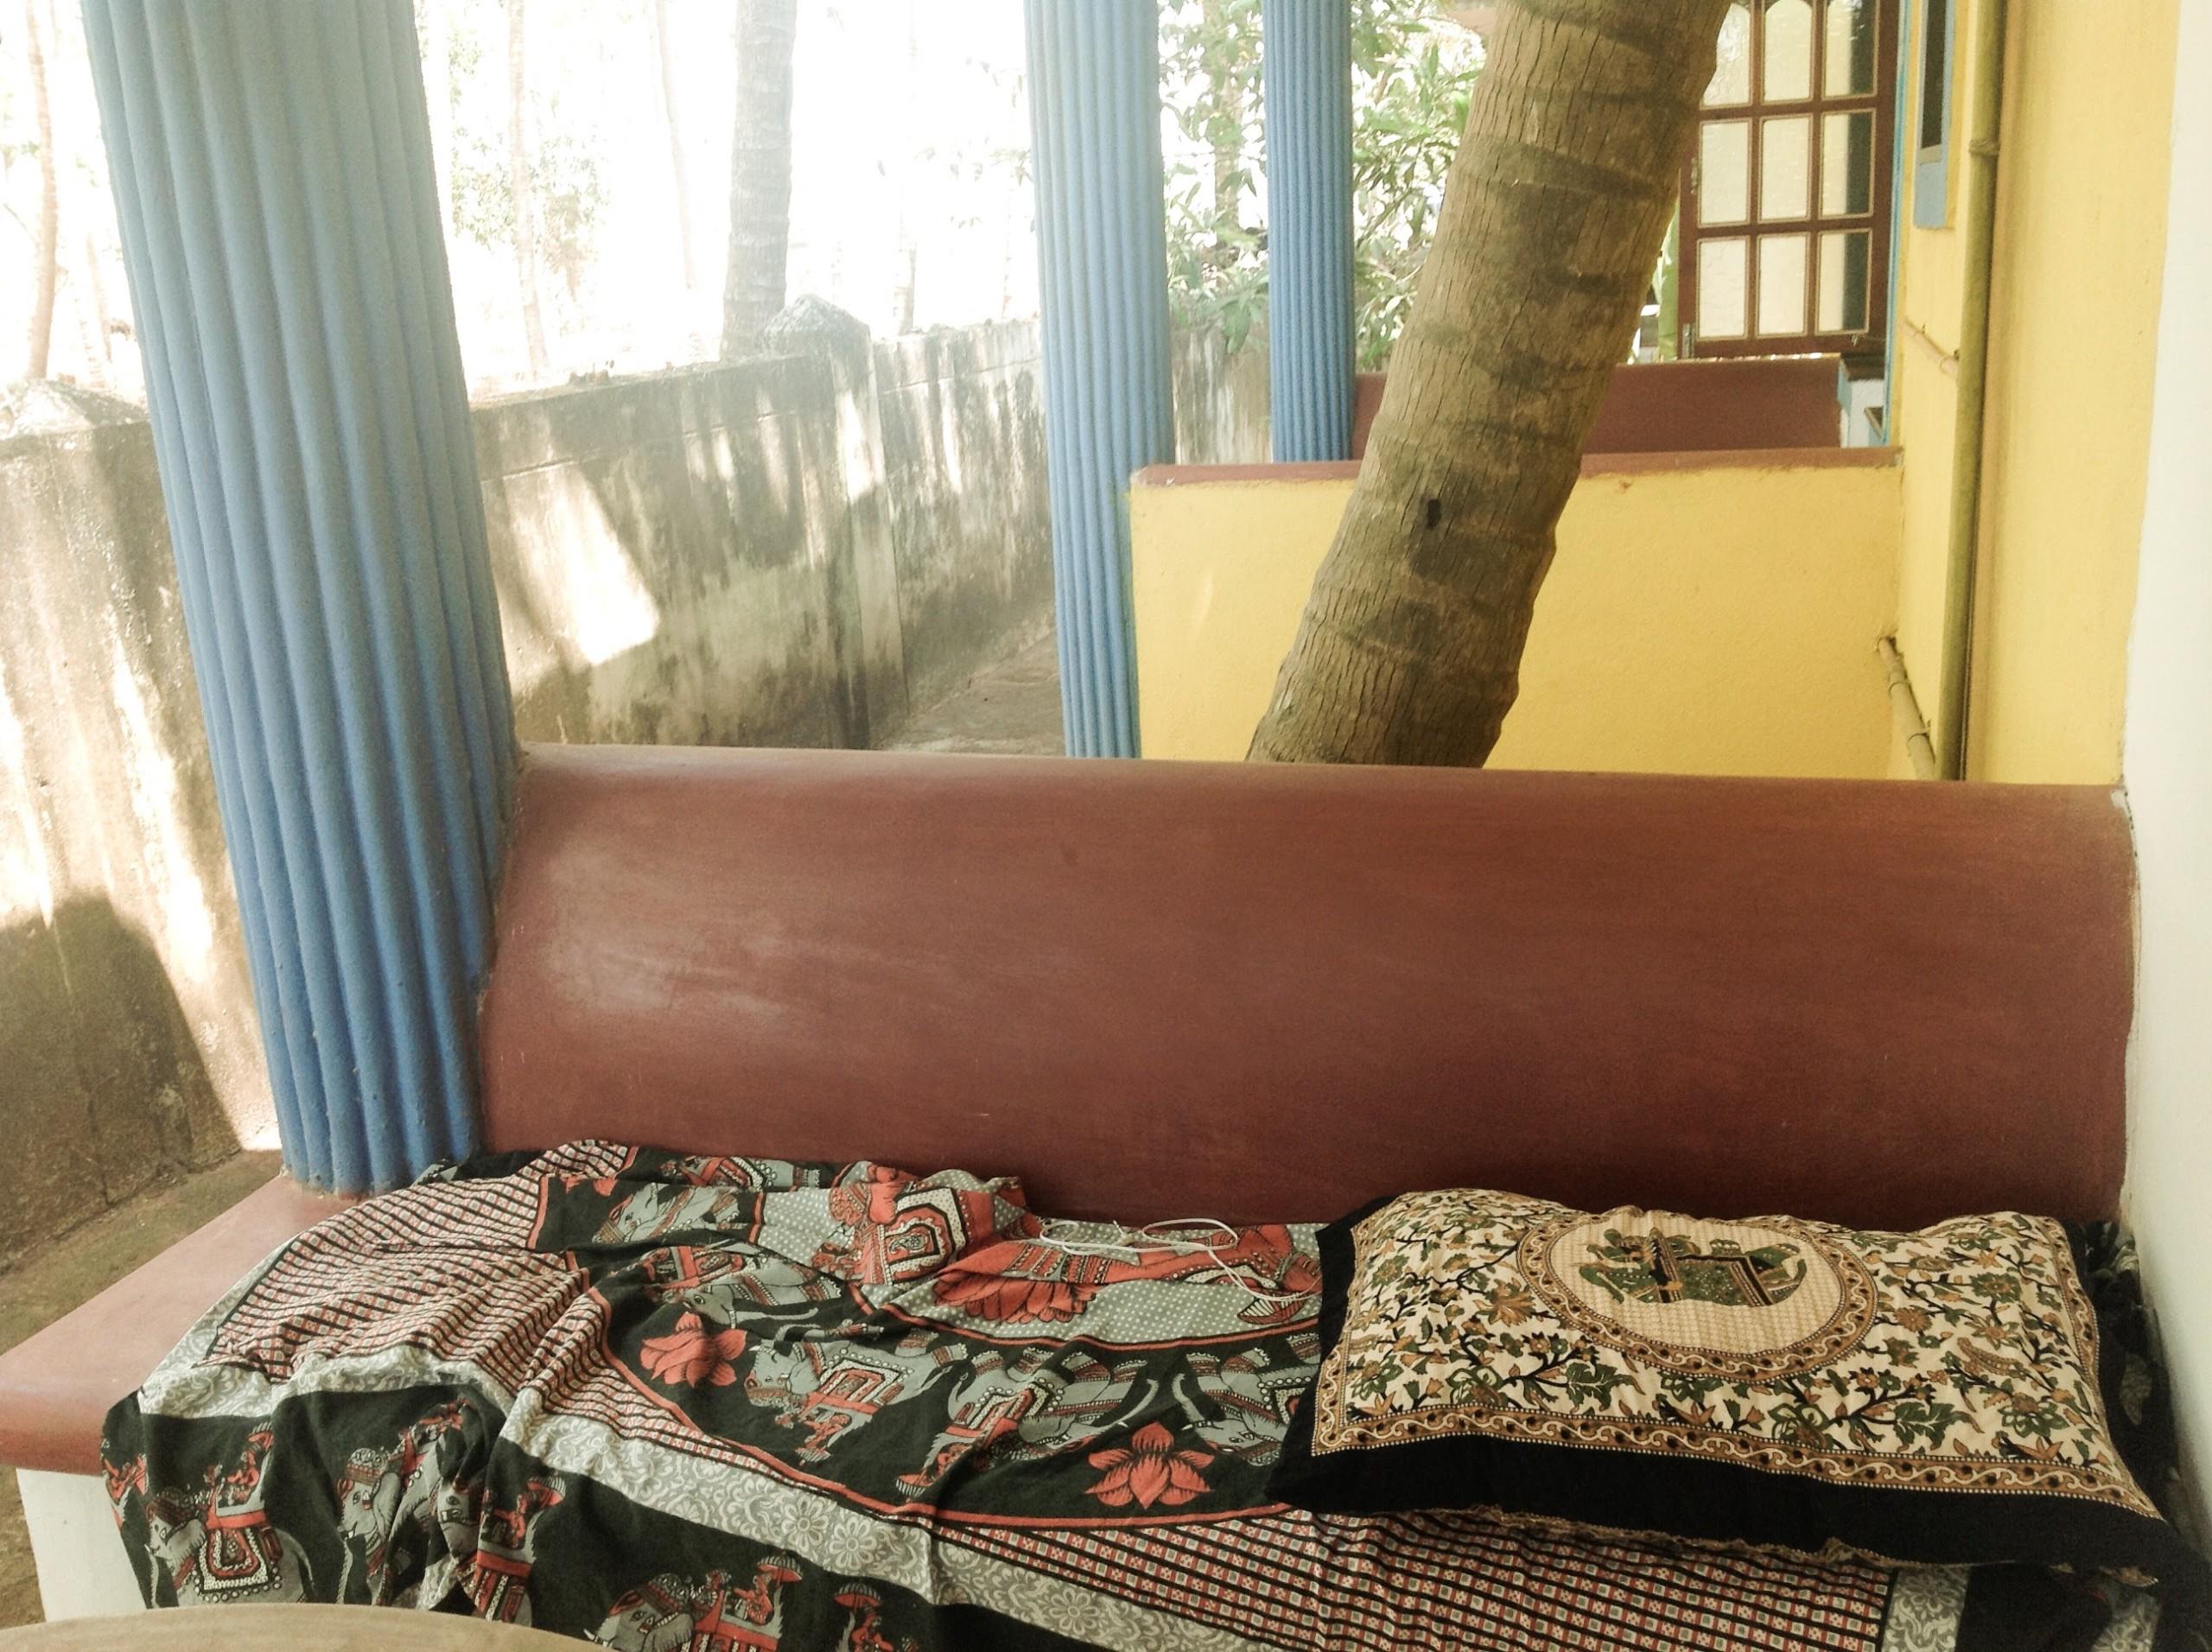 部屋の外の椅子に布とクッションをひいて昼寝(石の椅子だからめちゃ硬い・・)